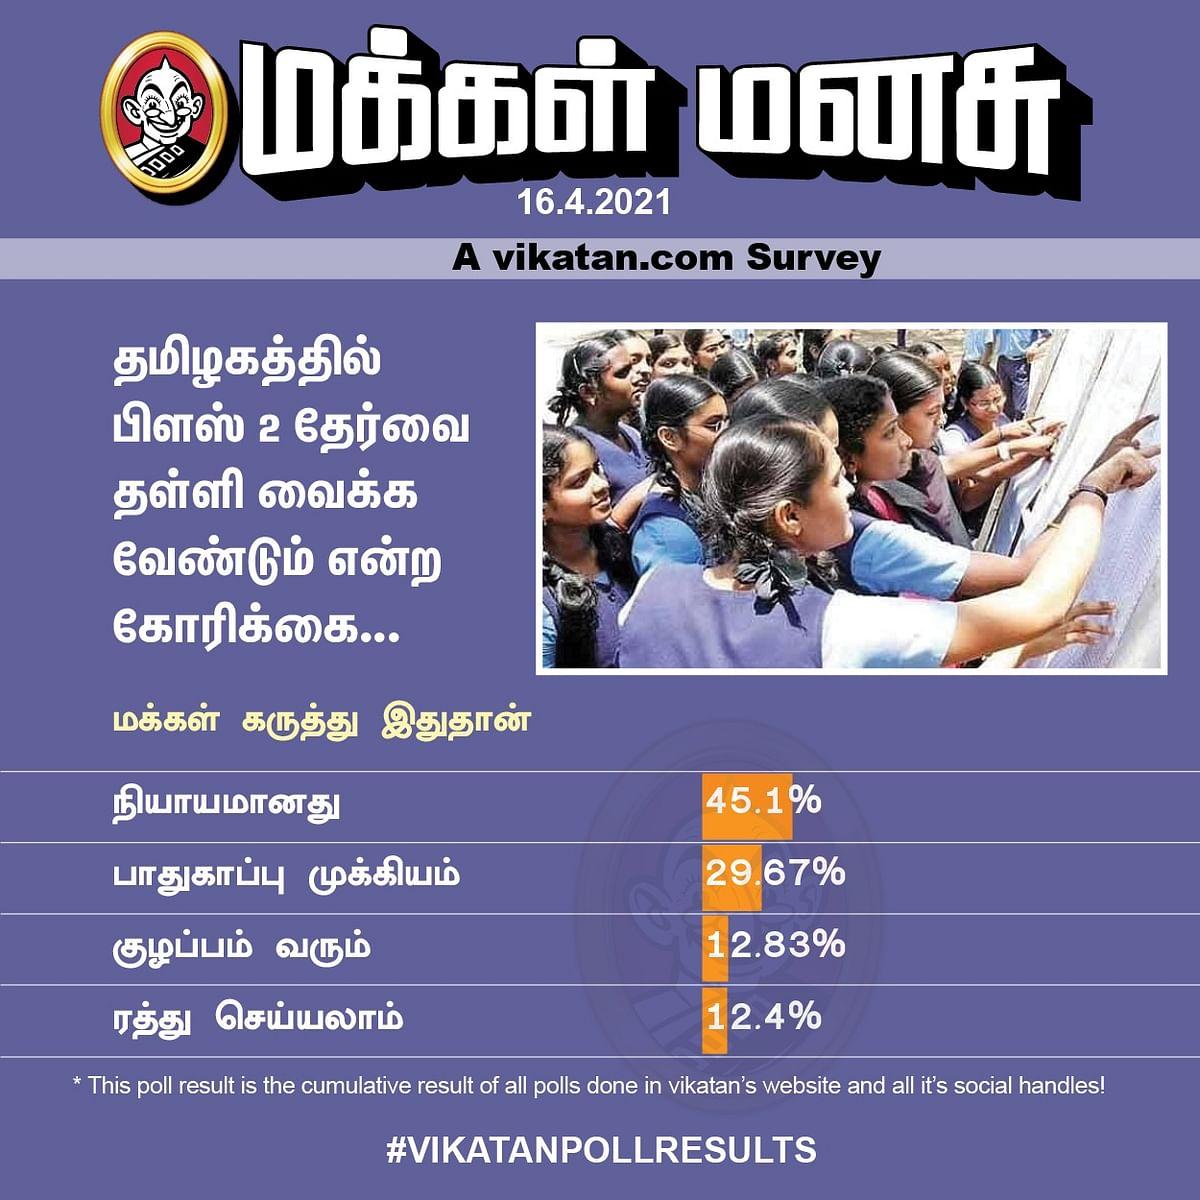 பிளஸ் 2 பொதுத் தேர்வு | Vikatan Poll